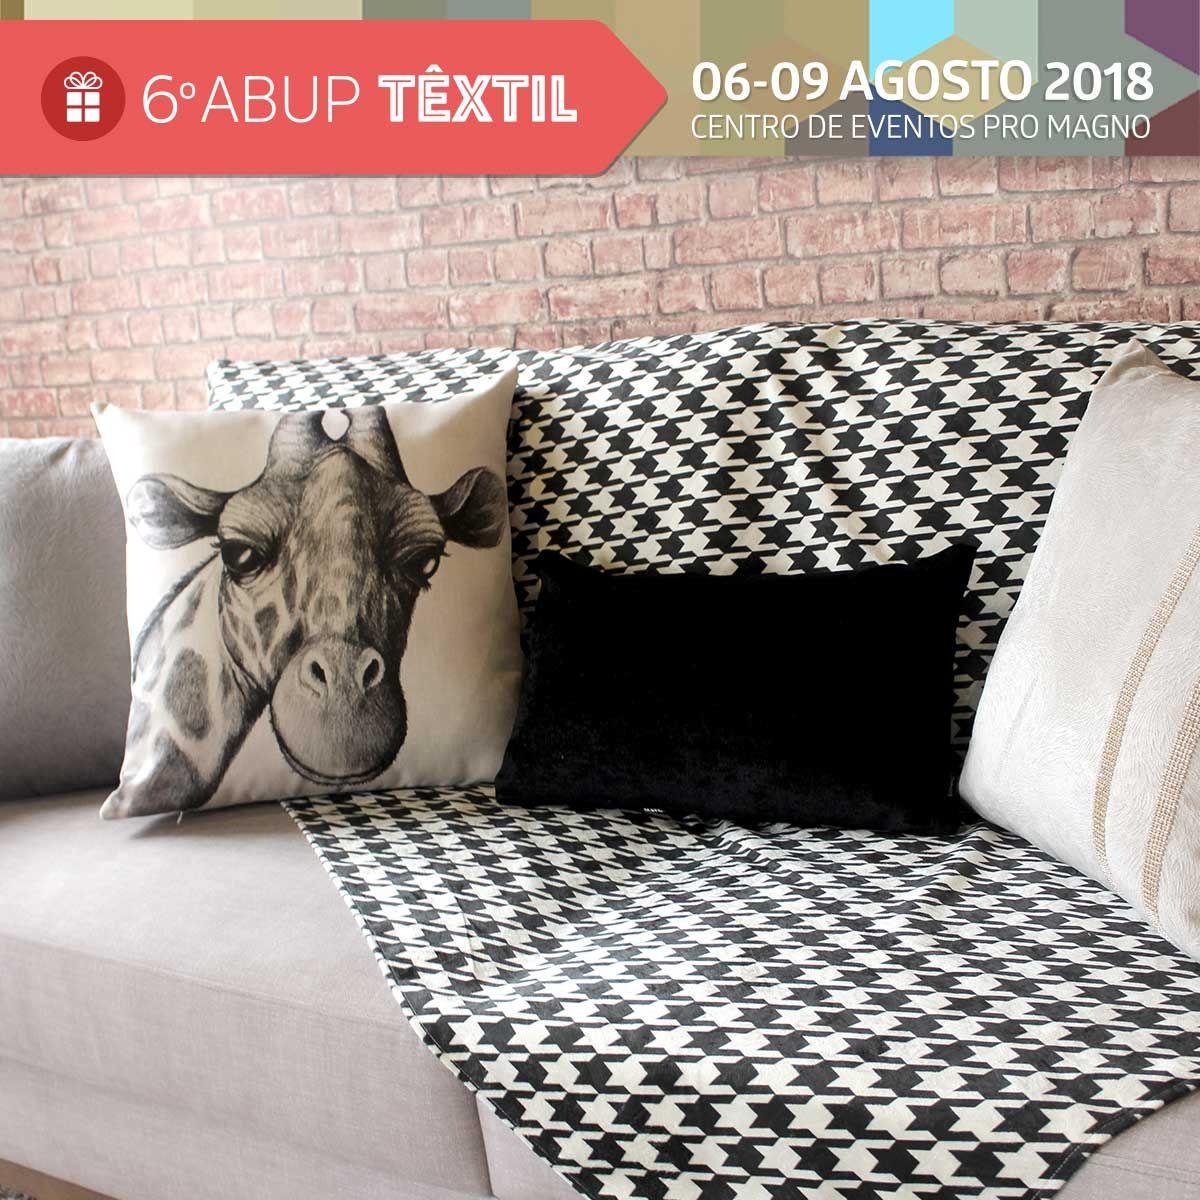 Nos Preparativos Da Abup Textil E Home Gift -> Abup Textil